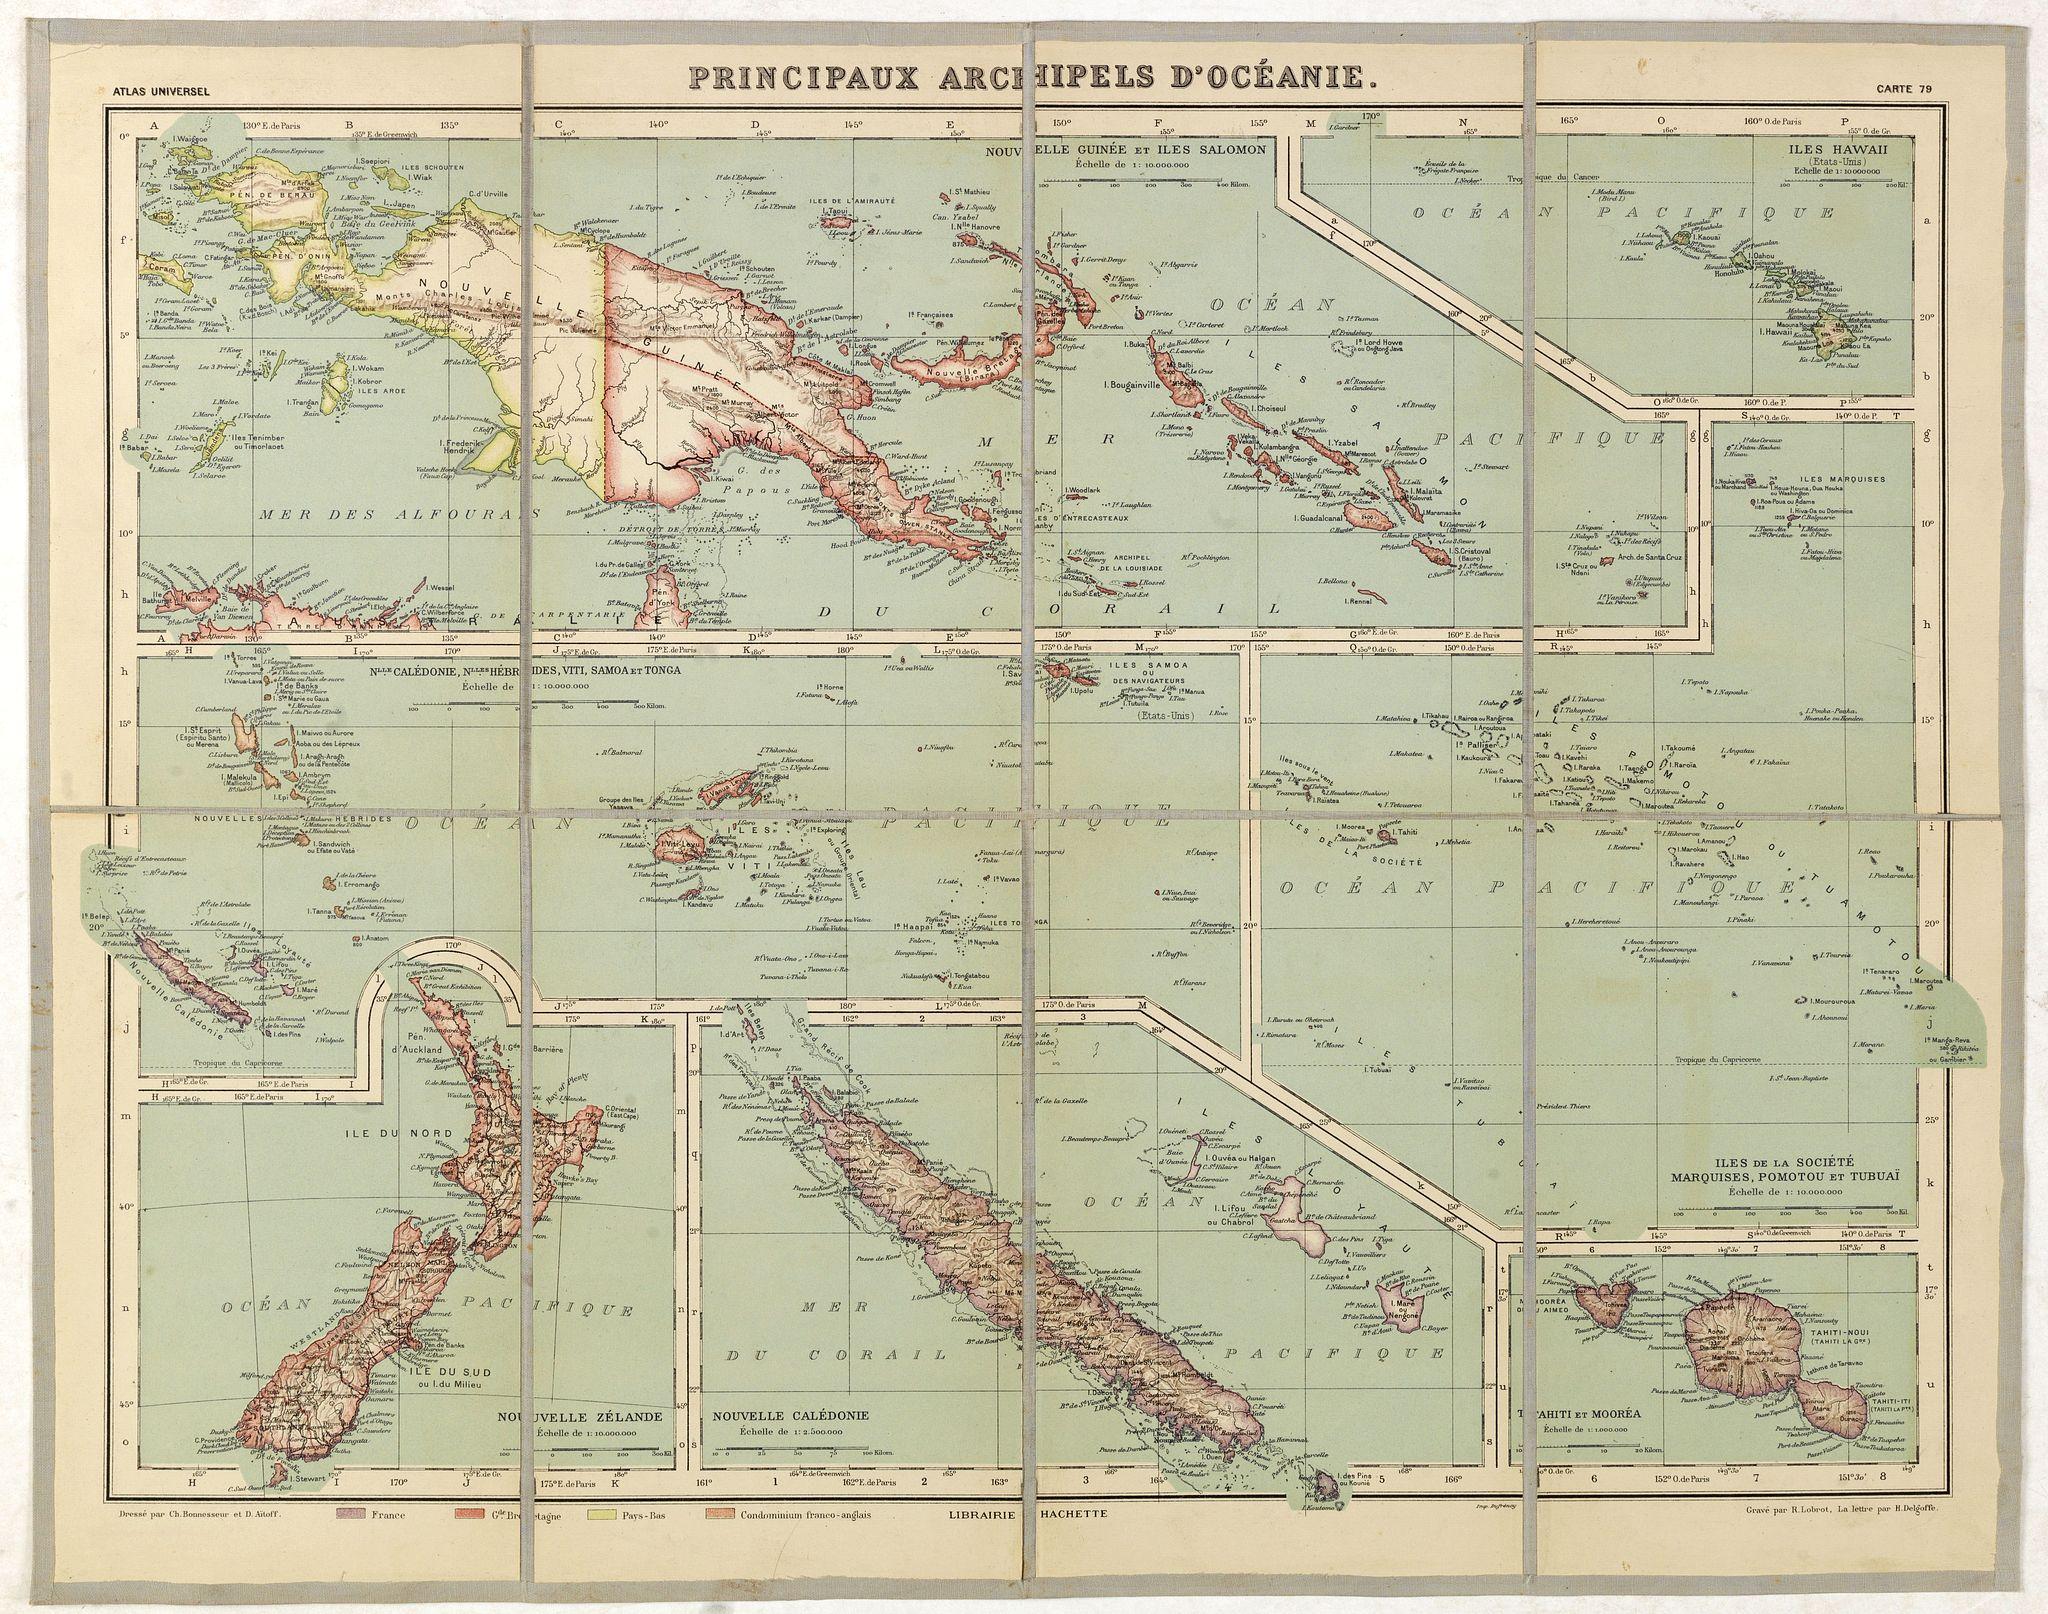 VIVIEN. ST. MARTIN, L. -  Principaux archipels d'Oceanie.